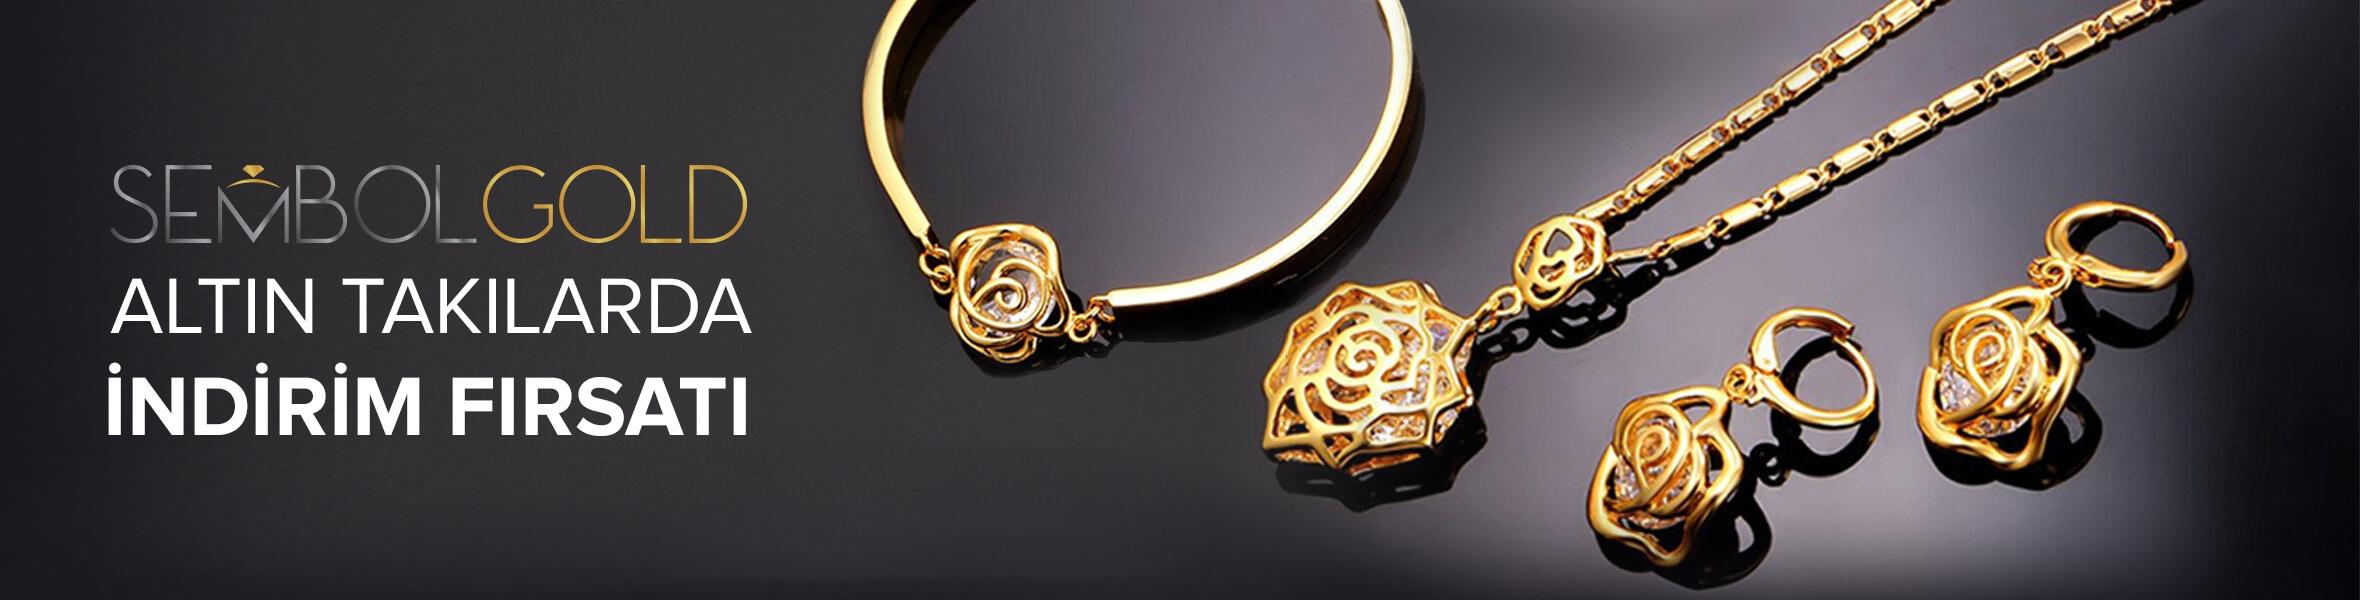 Sembol Gold Markalı Altın Takılarda İndirim Fırsatı